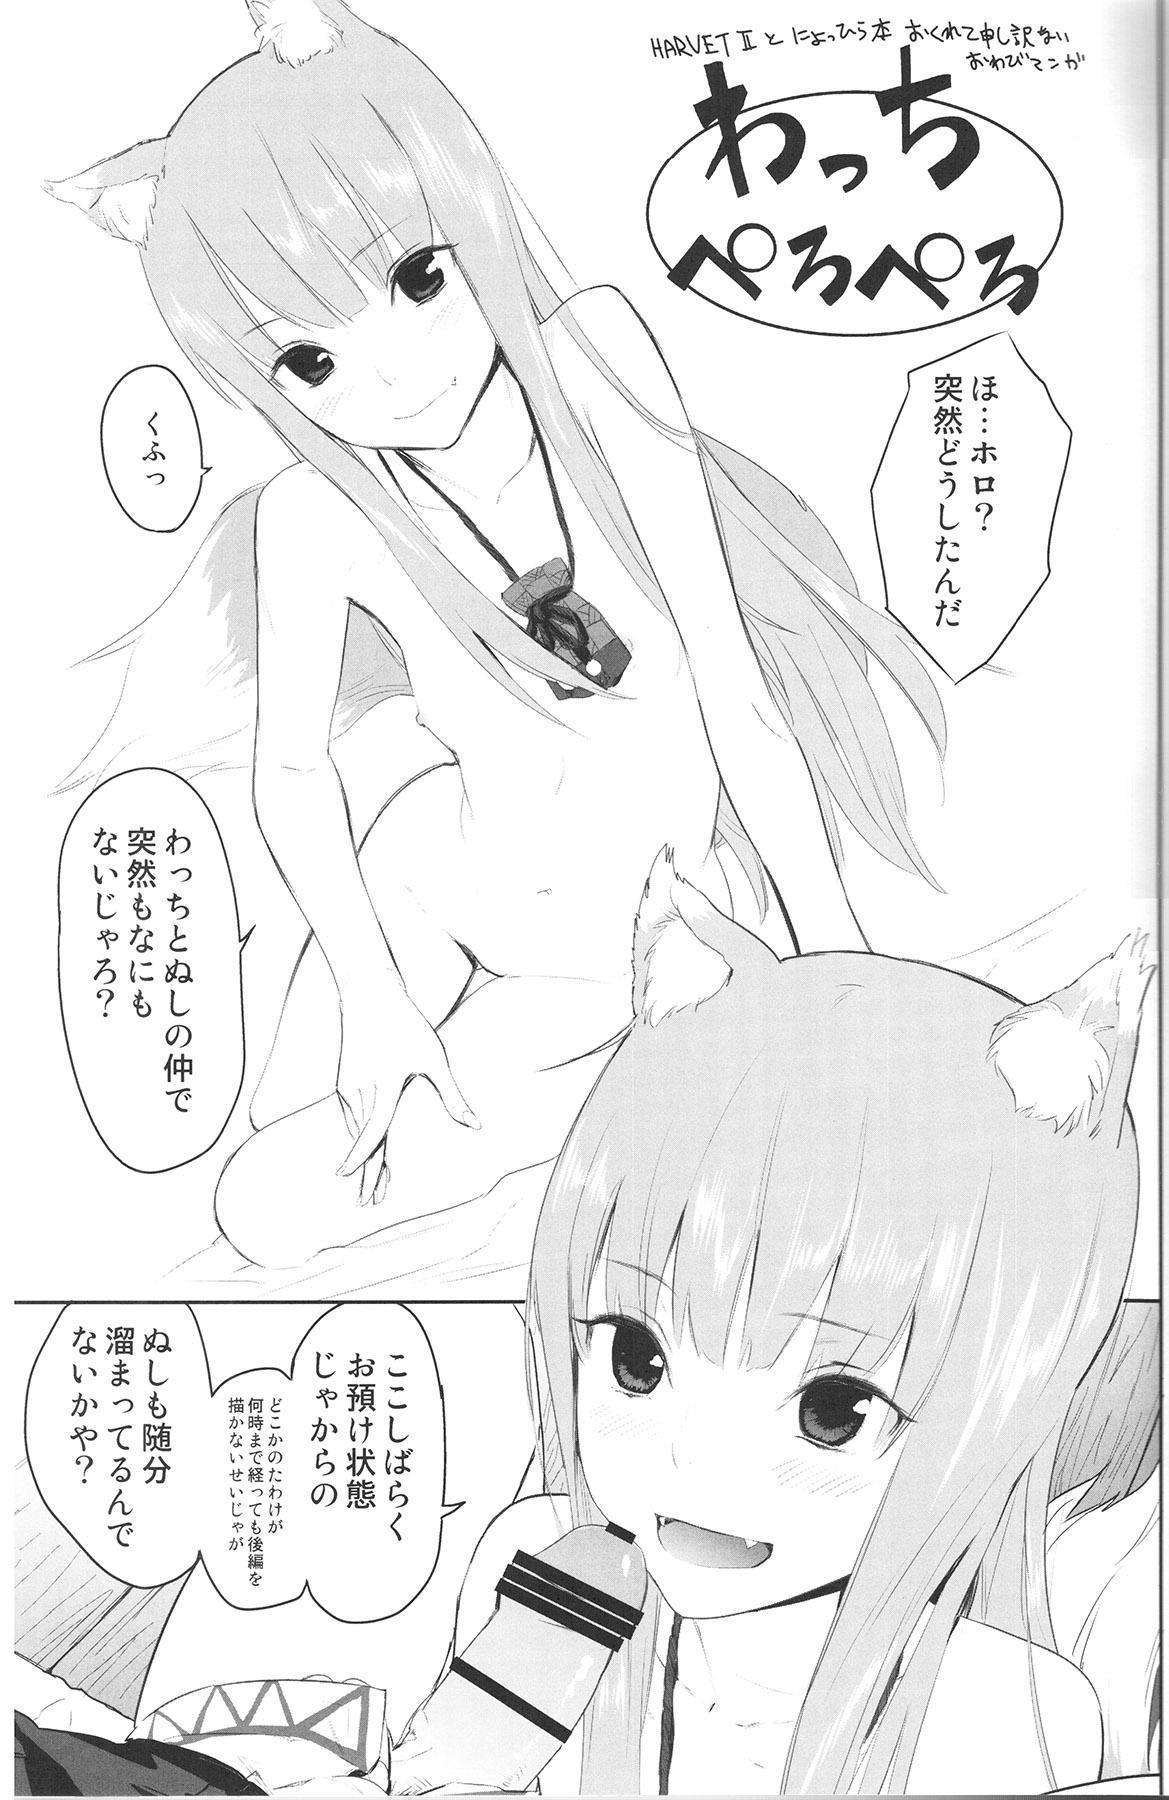 Ajisai Maiden Vol. 1 0